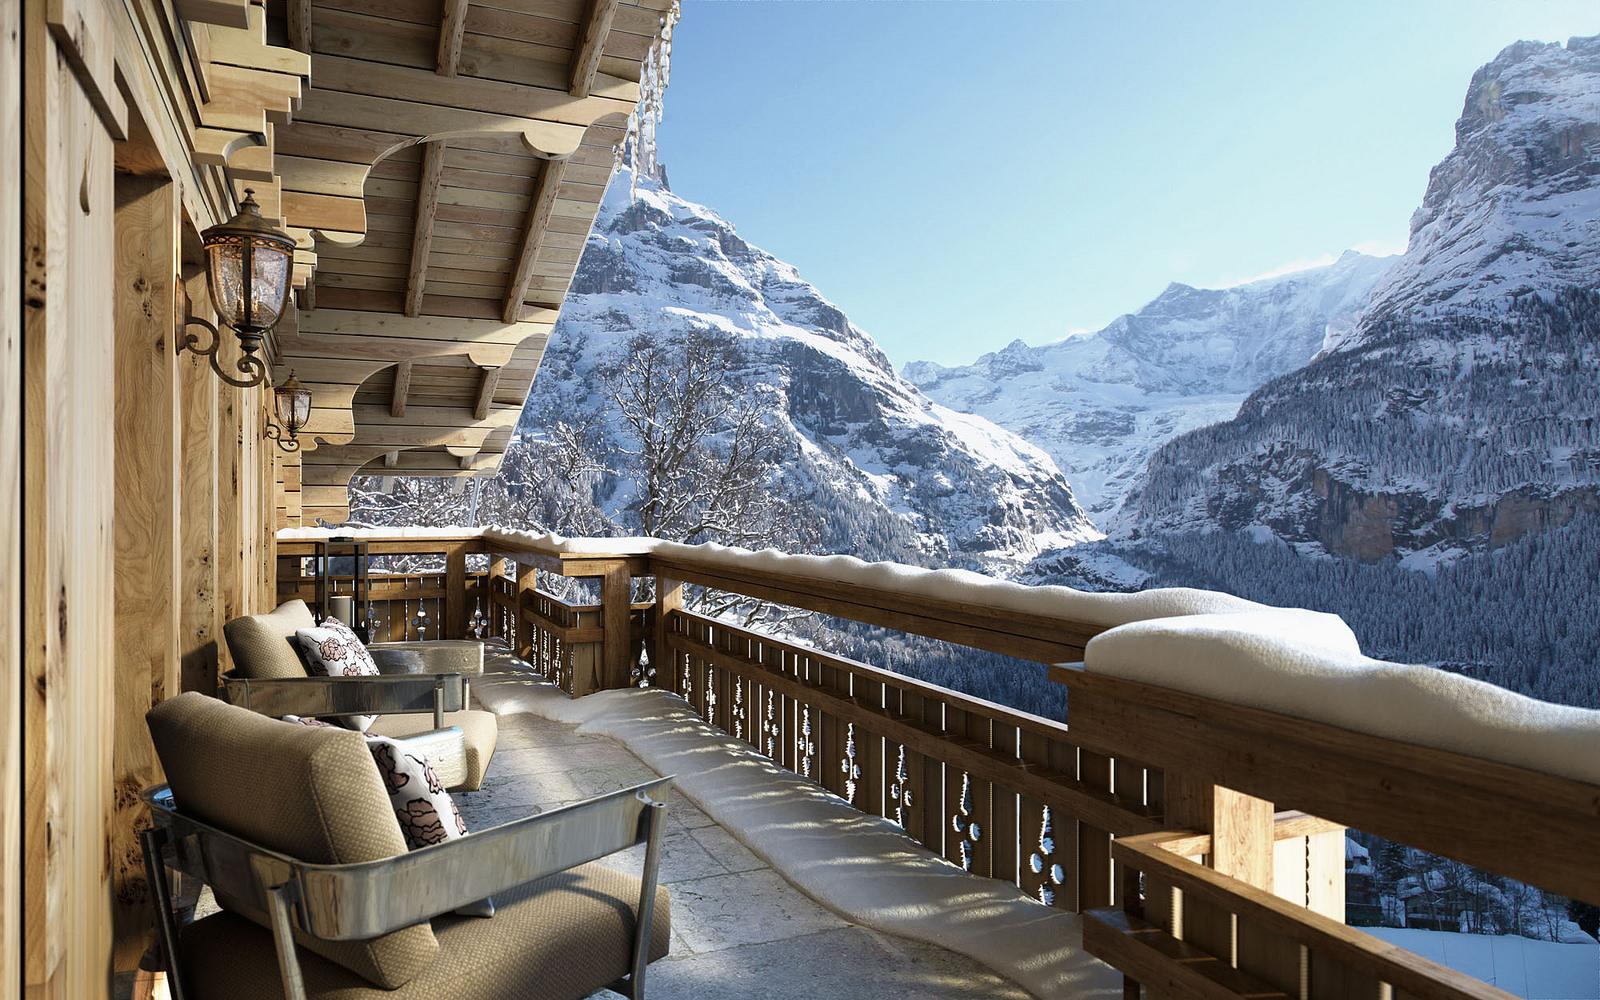 Покупка недвижимости в швейцарии иностранцами диван угловой дубай цена